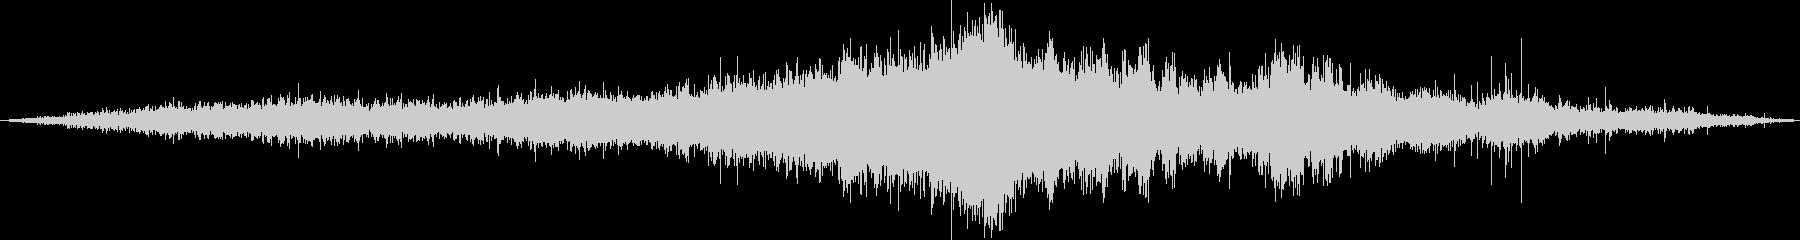 ジェットスキー:1100 Cc:E...の未再生の波形